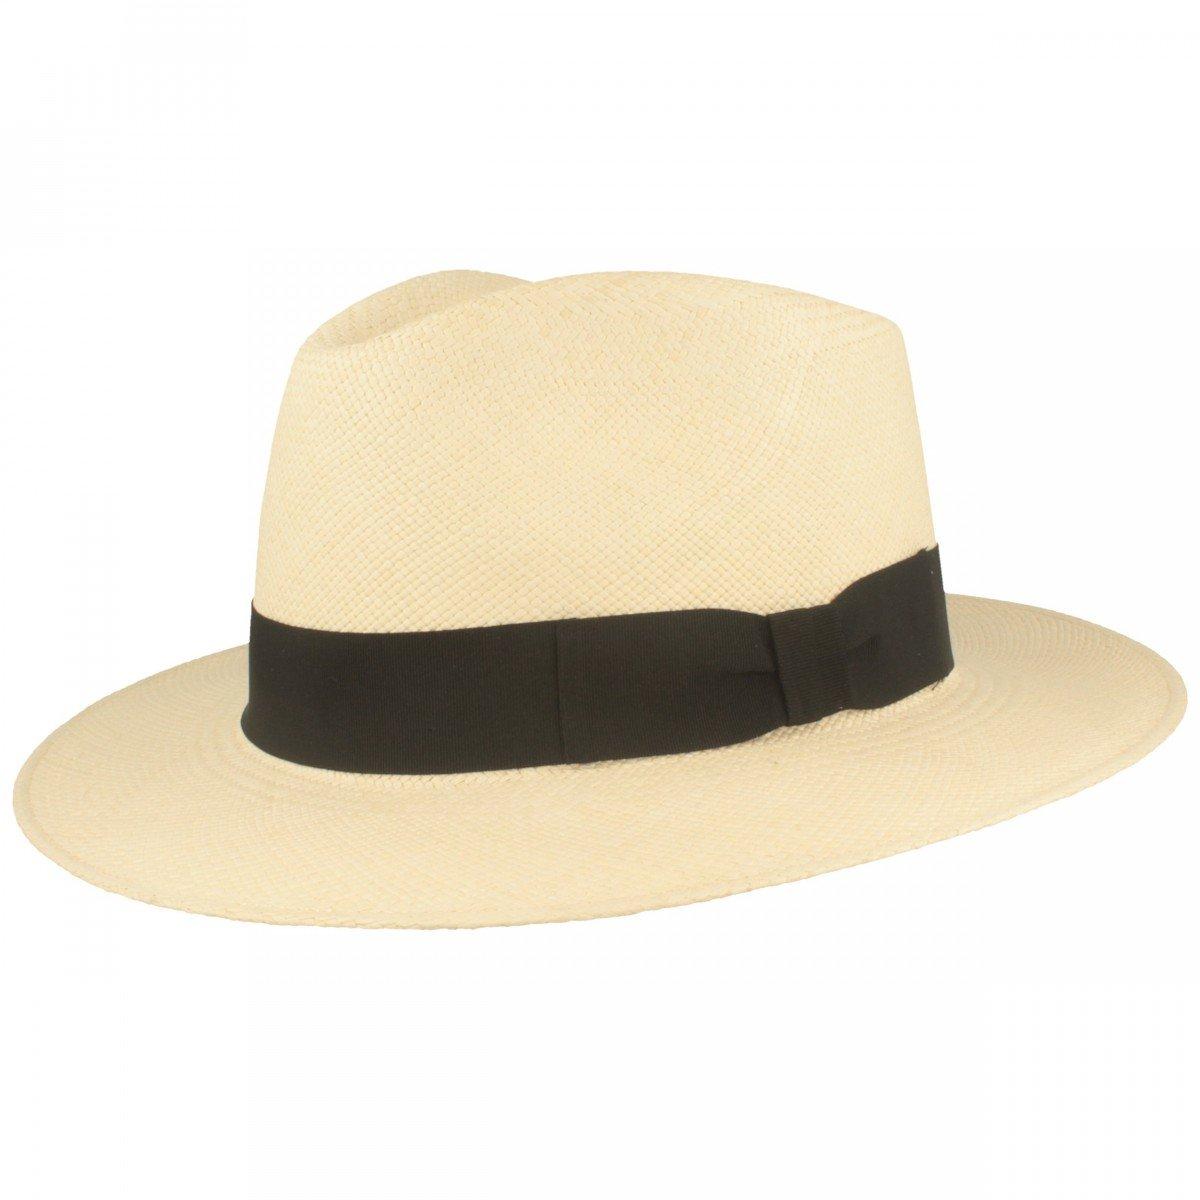 ORIGINAL Panama-Hut | Stroh-Hut | Sommer-Hut aus Ecuador – Traditionell Handgeflochten in Brisa 4 Flechtung, Bruchschutz -Weiß Bruchschutz -Weiß